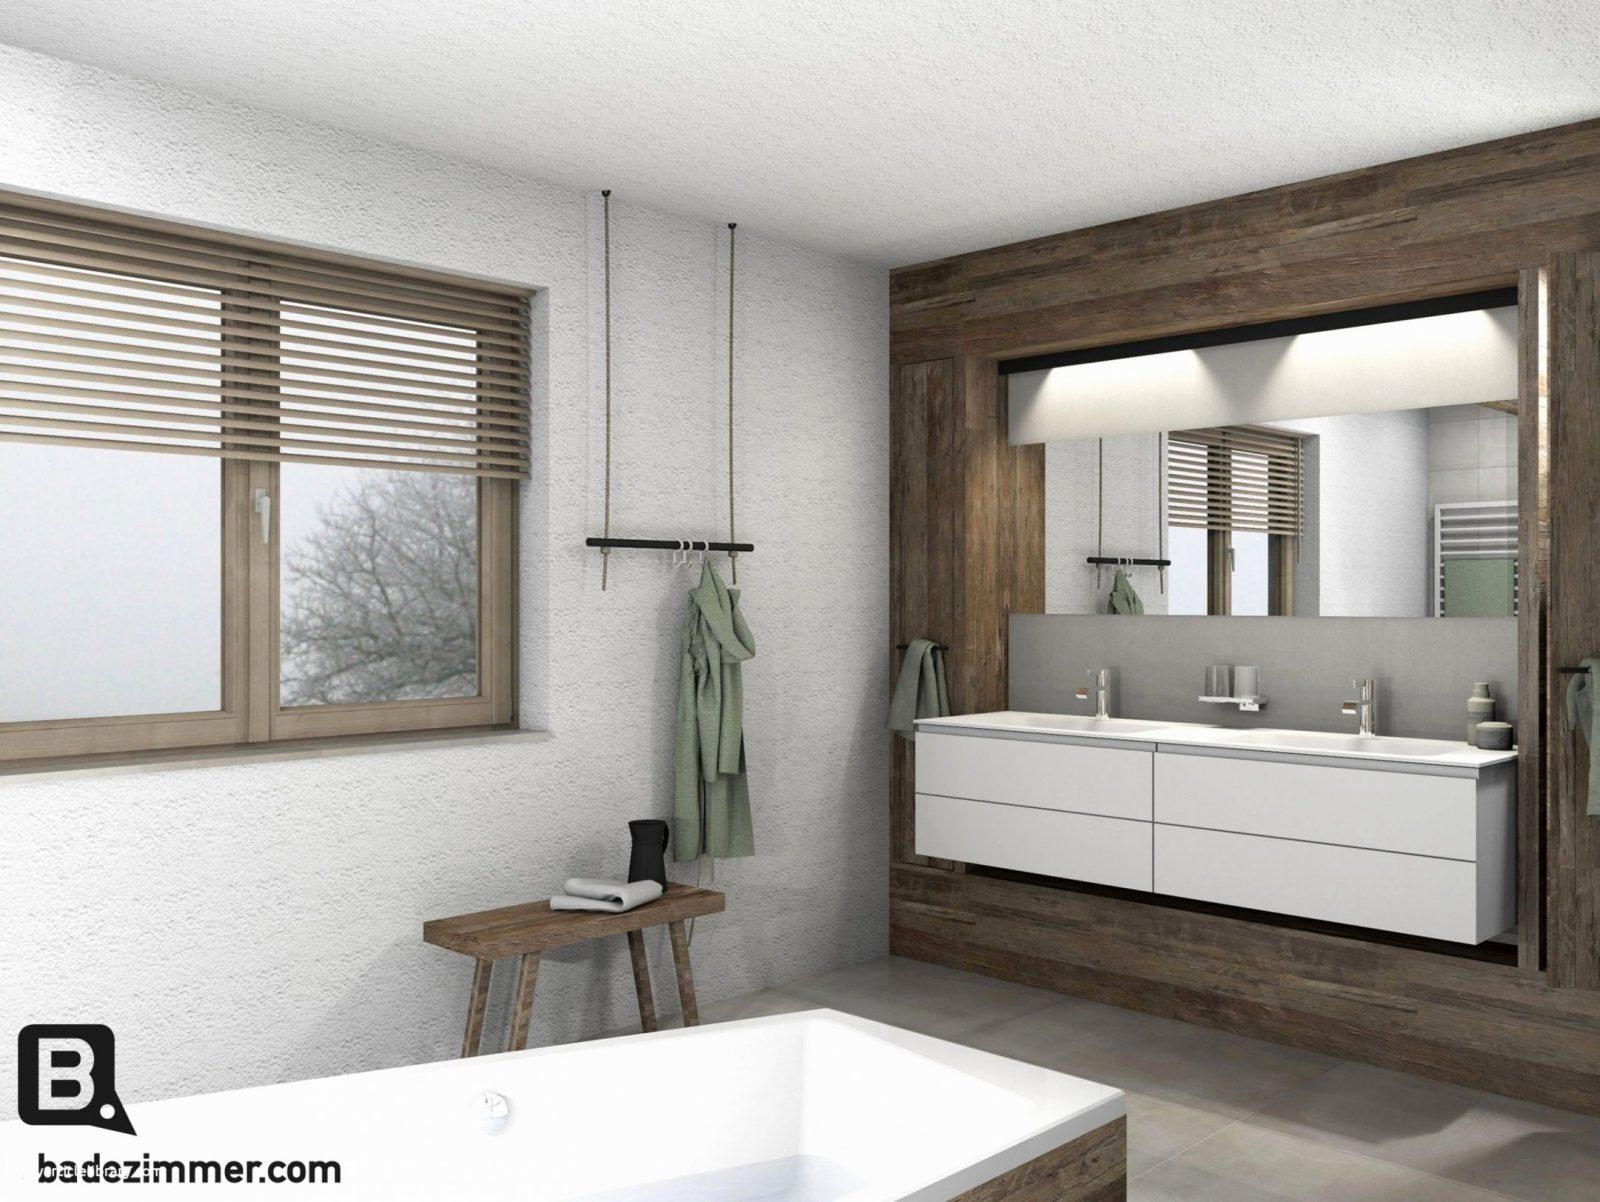 Kleines Bad Gestalten 4Qm — Temobardz Home Blog von Badezimmer 4 Qm Ideen Photo